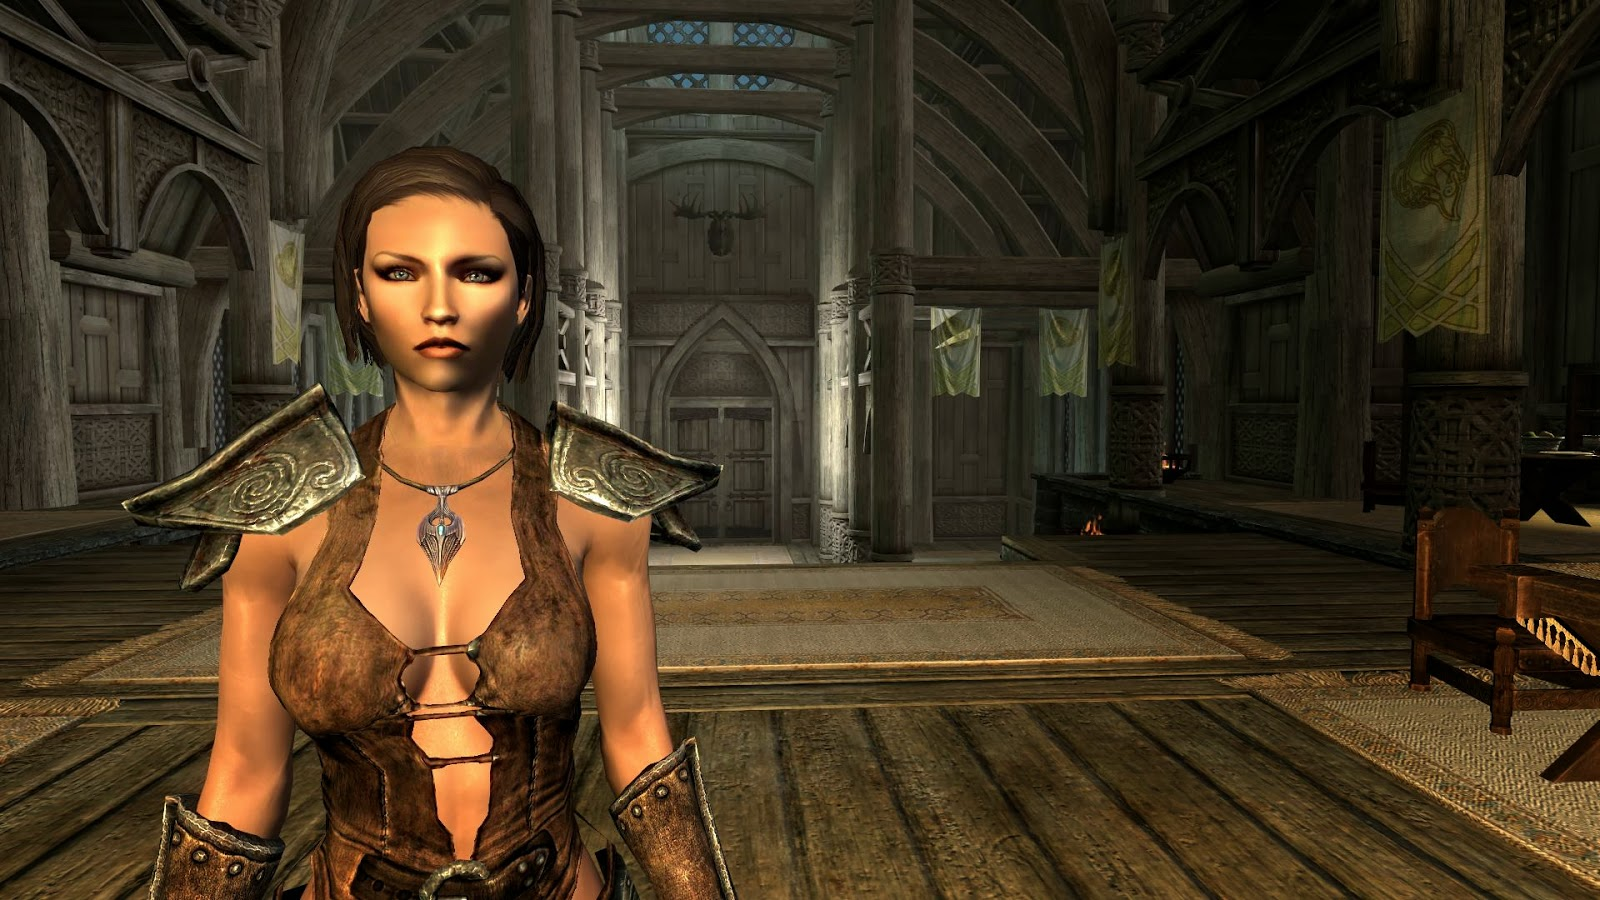 cbbe skyrim sexy armor mod skyrim skimpy cbbe armor replacer